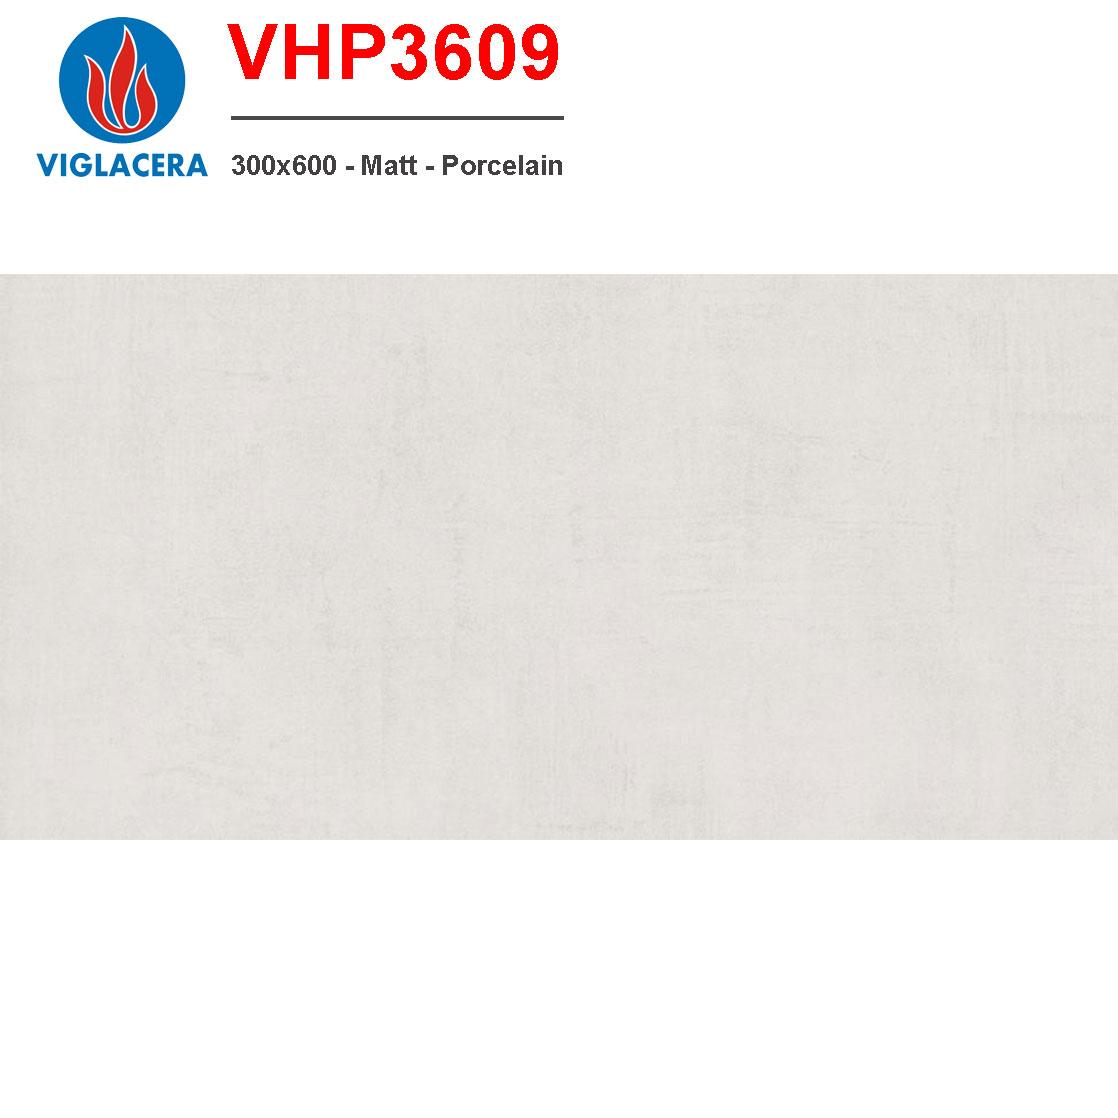 Gạch ốp tường Viglacera VHP3609 giá tốt